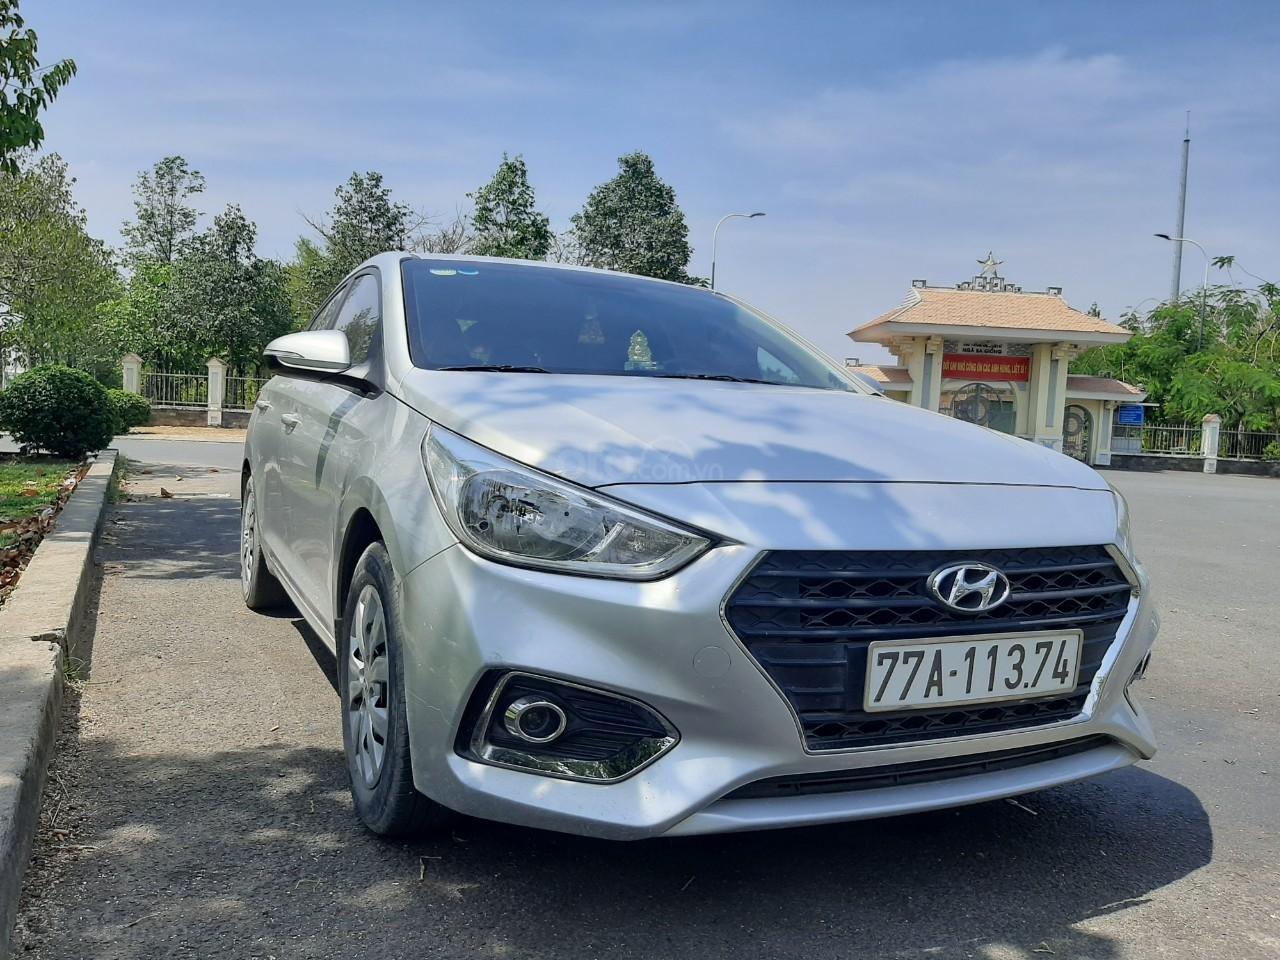 Cần bán gấp Hyundai Accent năm sản xuất 2018 (4)